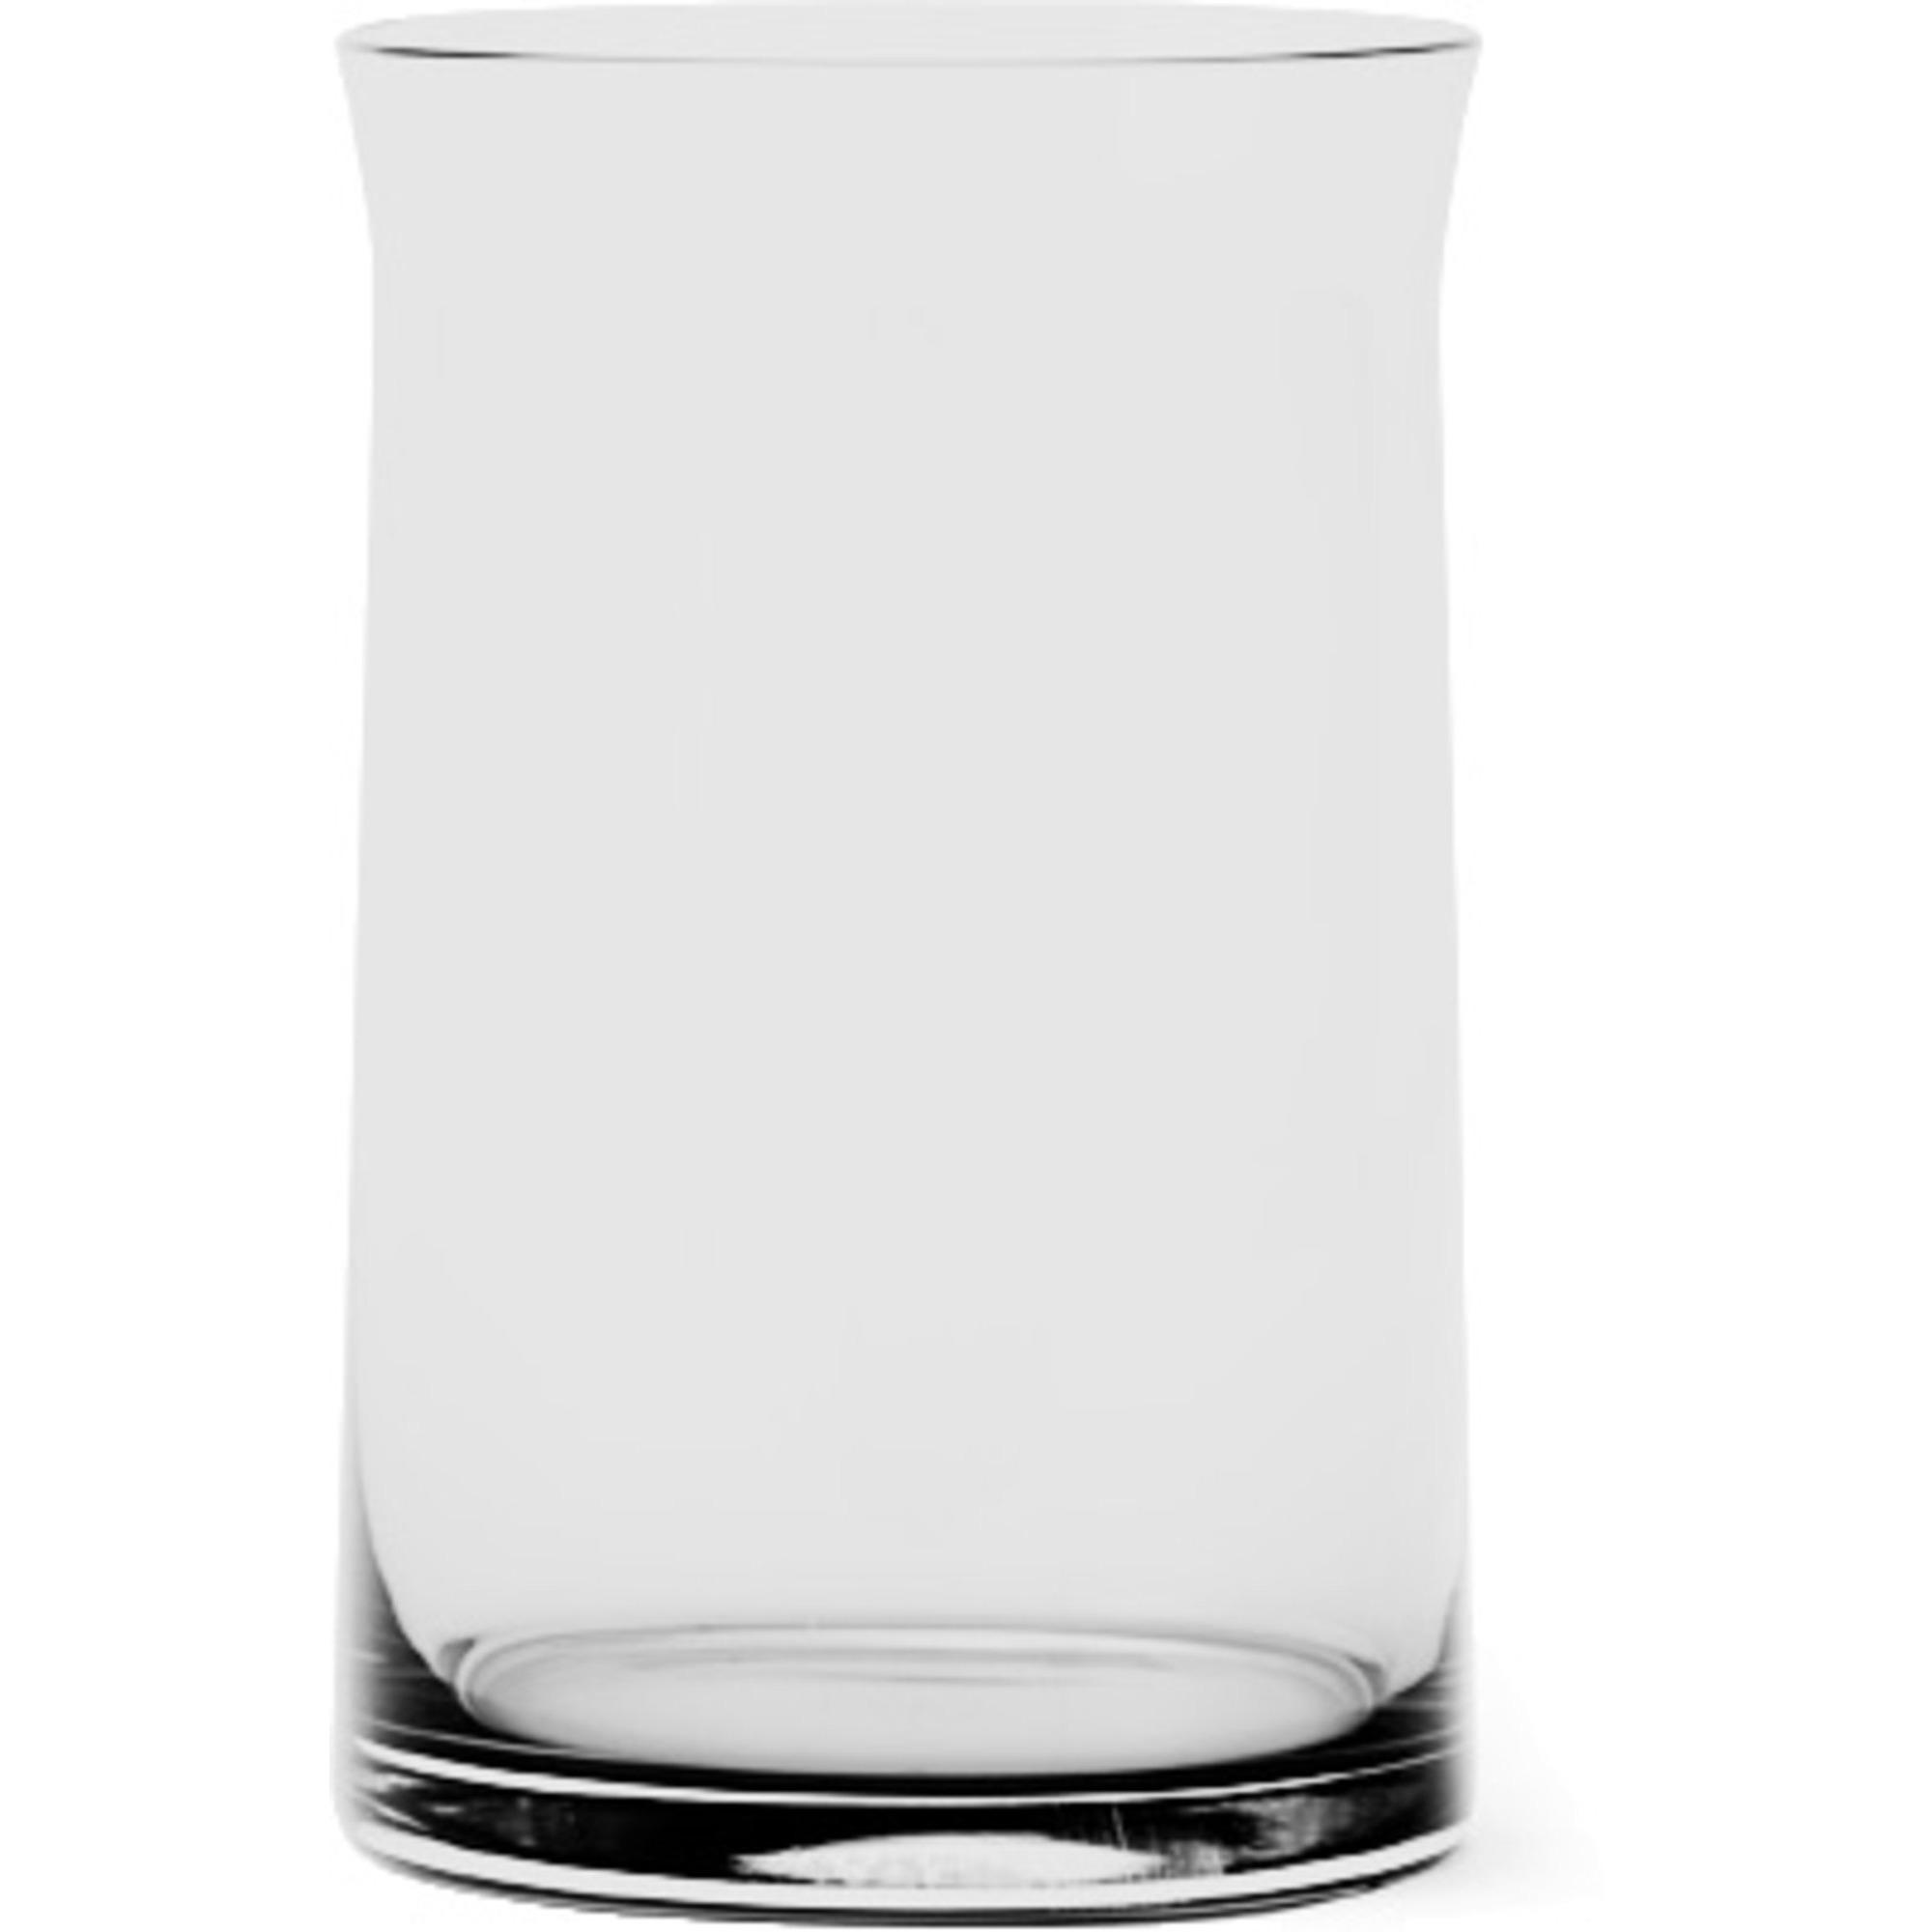 Lyngby Porcelæn JC Glas stort